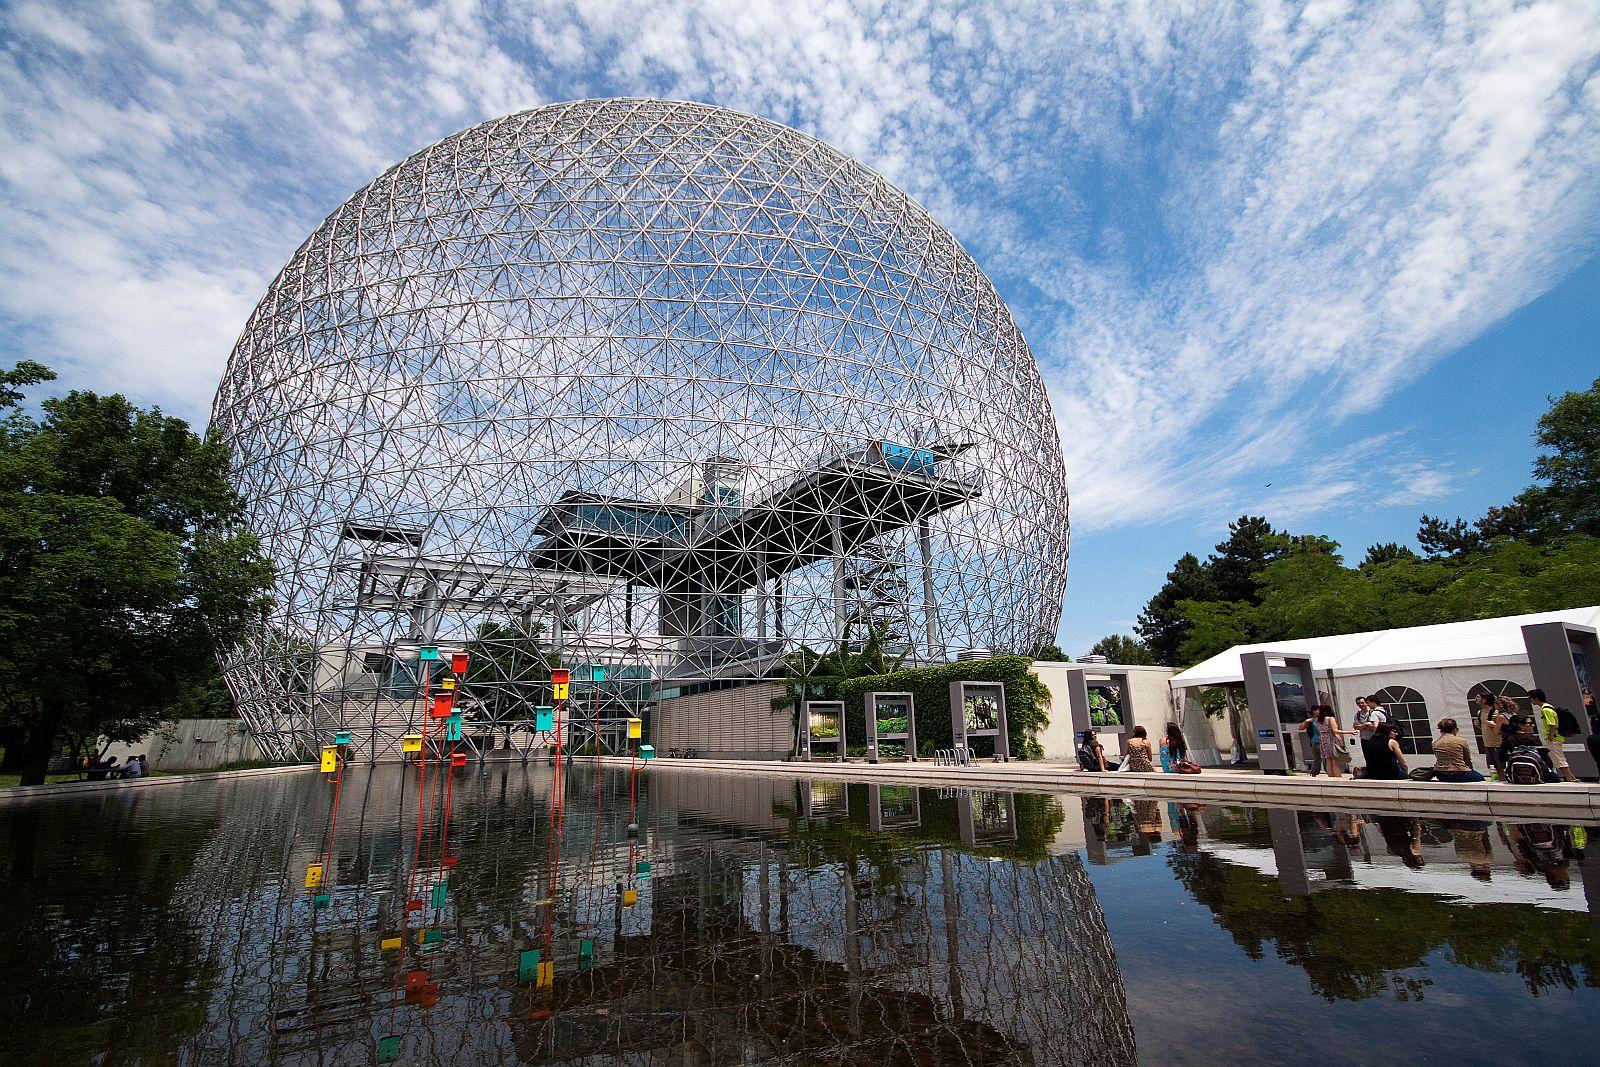 Parc Jean Drapeau Attractions